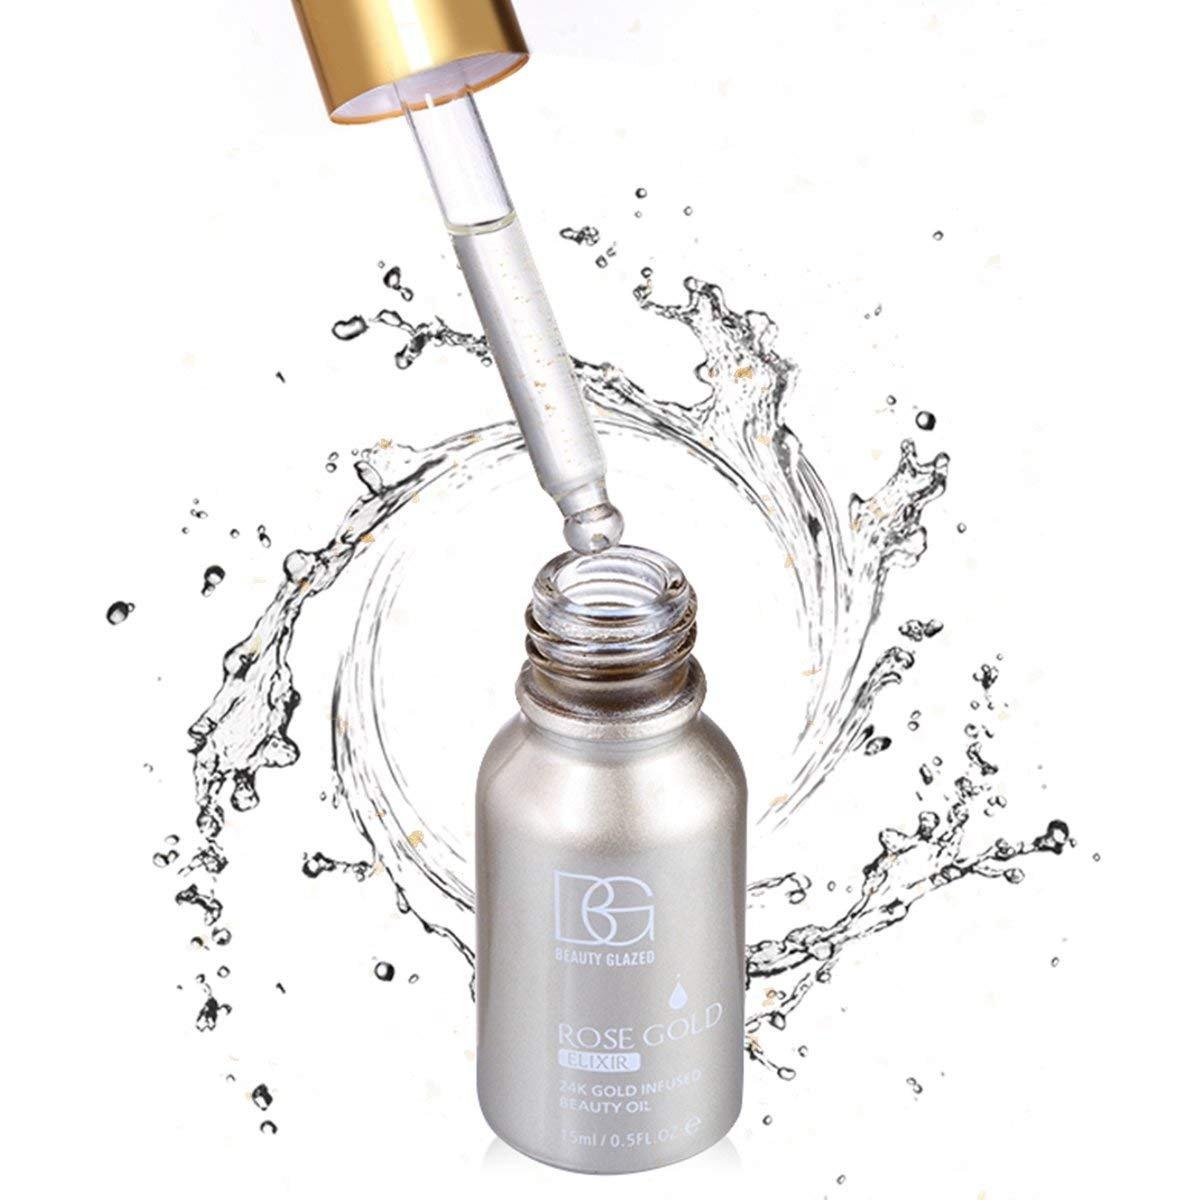 ab70395edbad Woya 24k Rose Gold Elixir Beauty Oil Moisturizing Face Oil Before ...